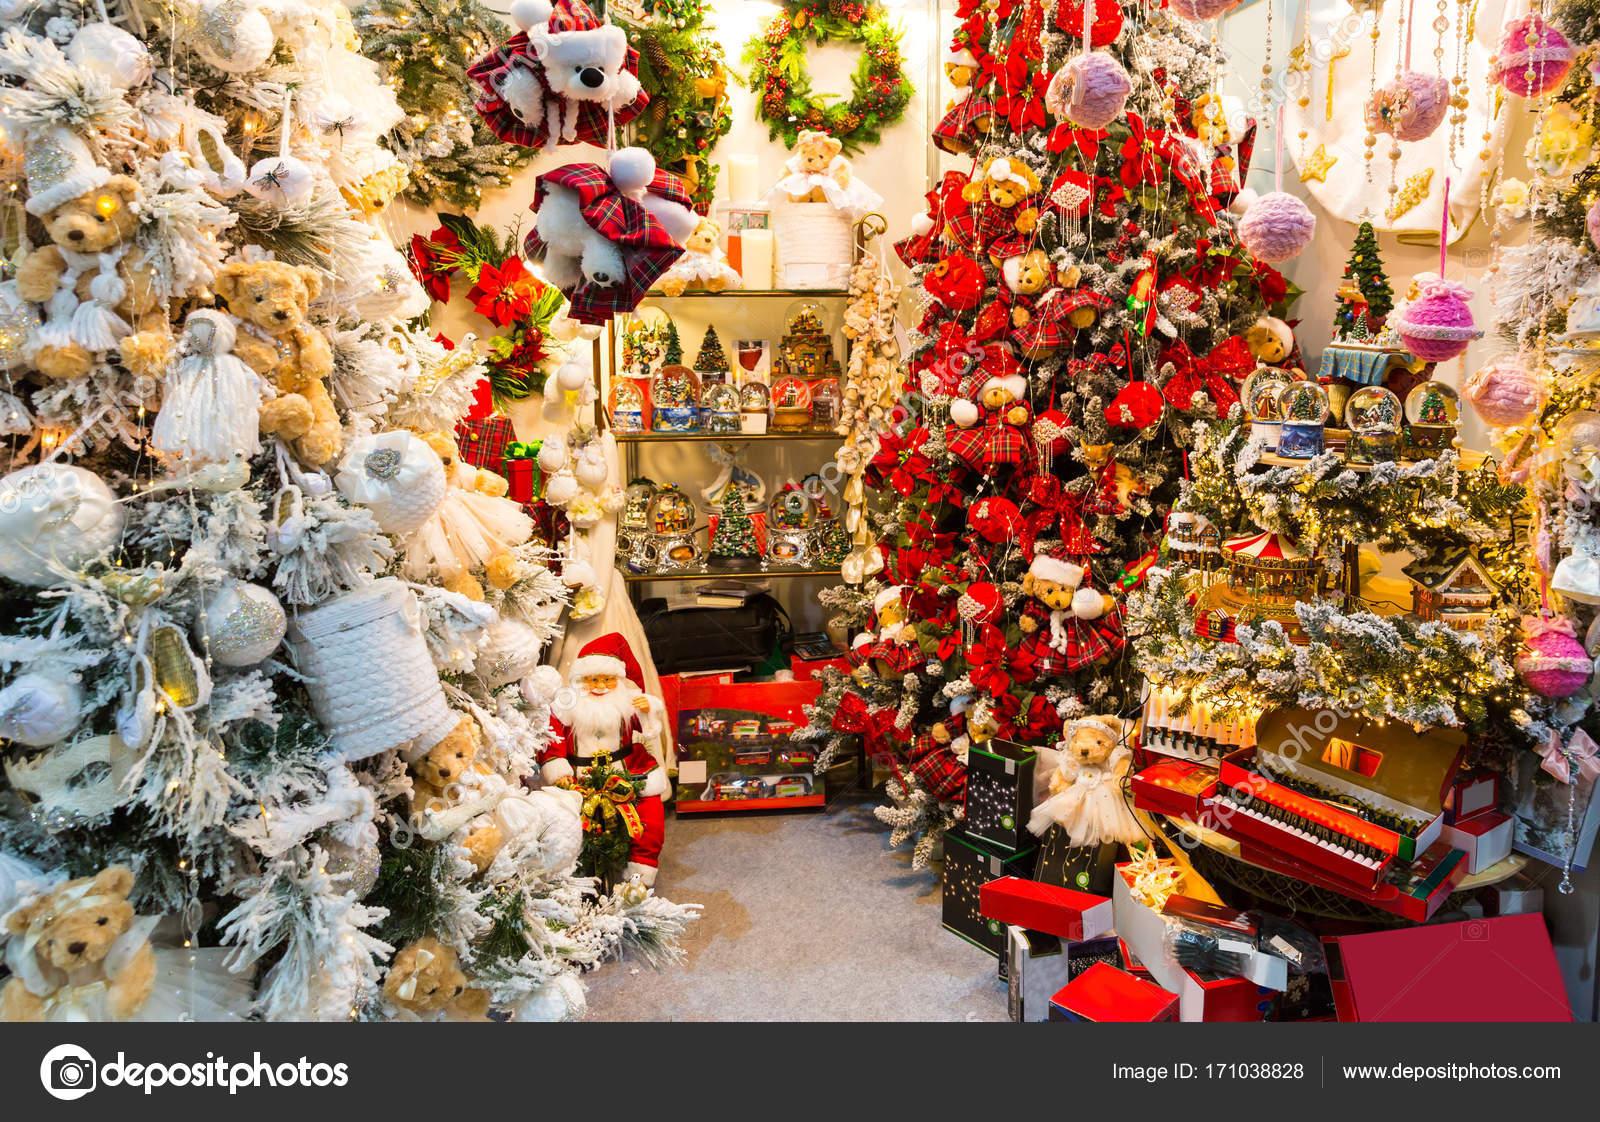 Alberi Di Natale Decorati Foto.Alberi Di Natale Decorati Con Le Bagattelle Foto Stock